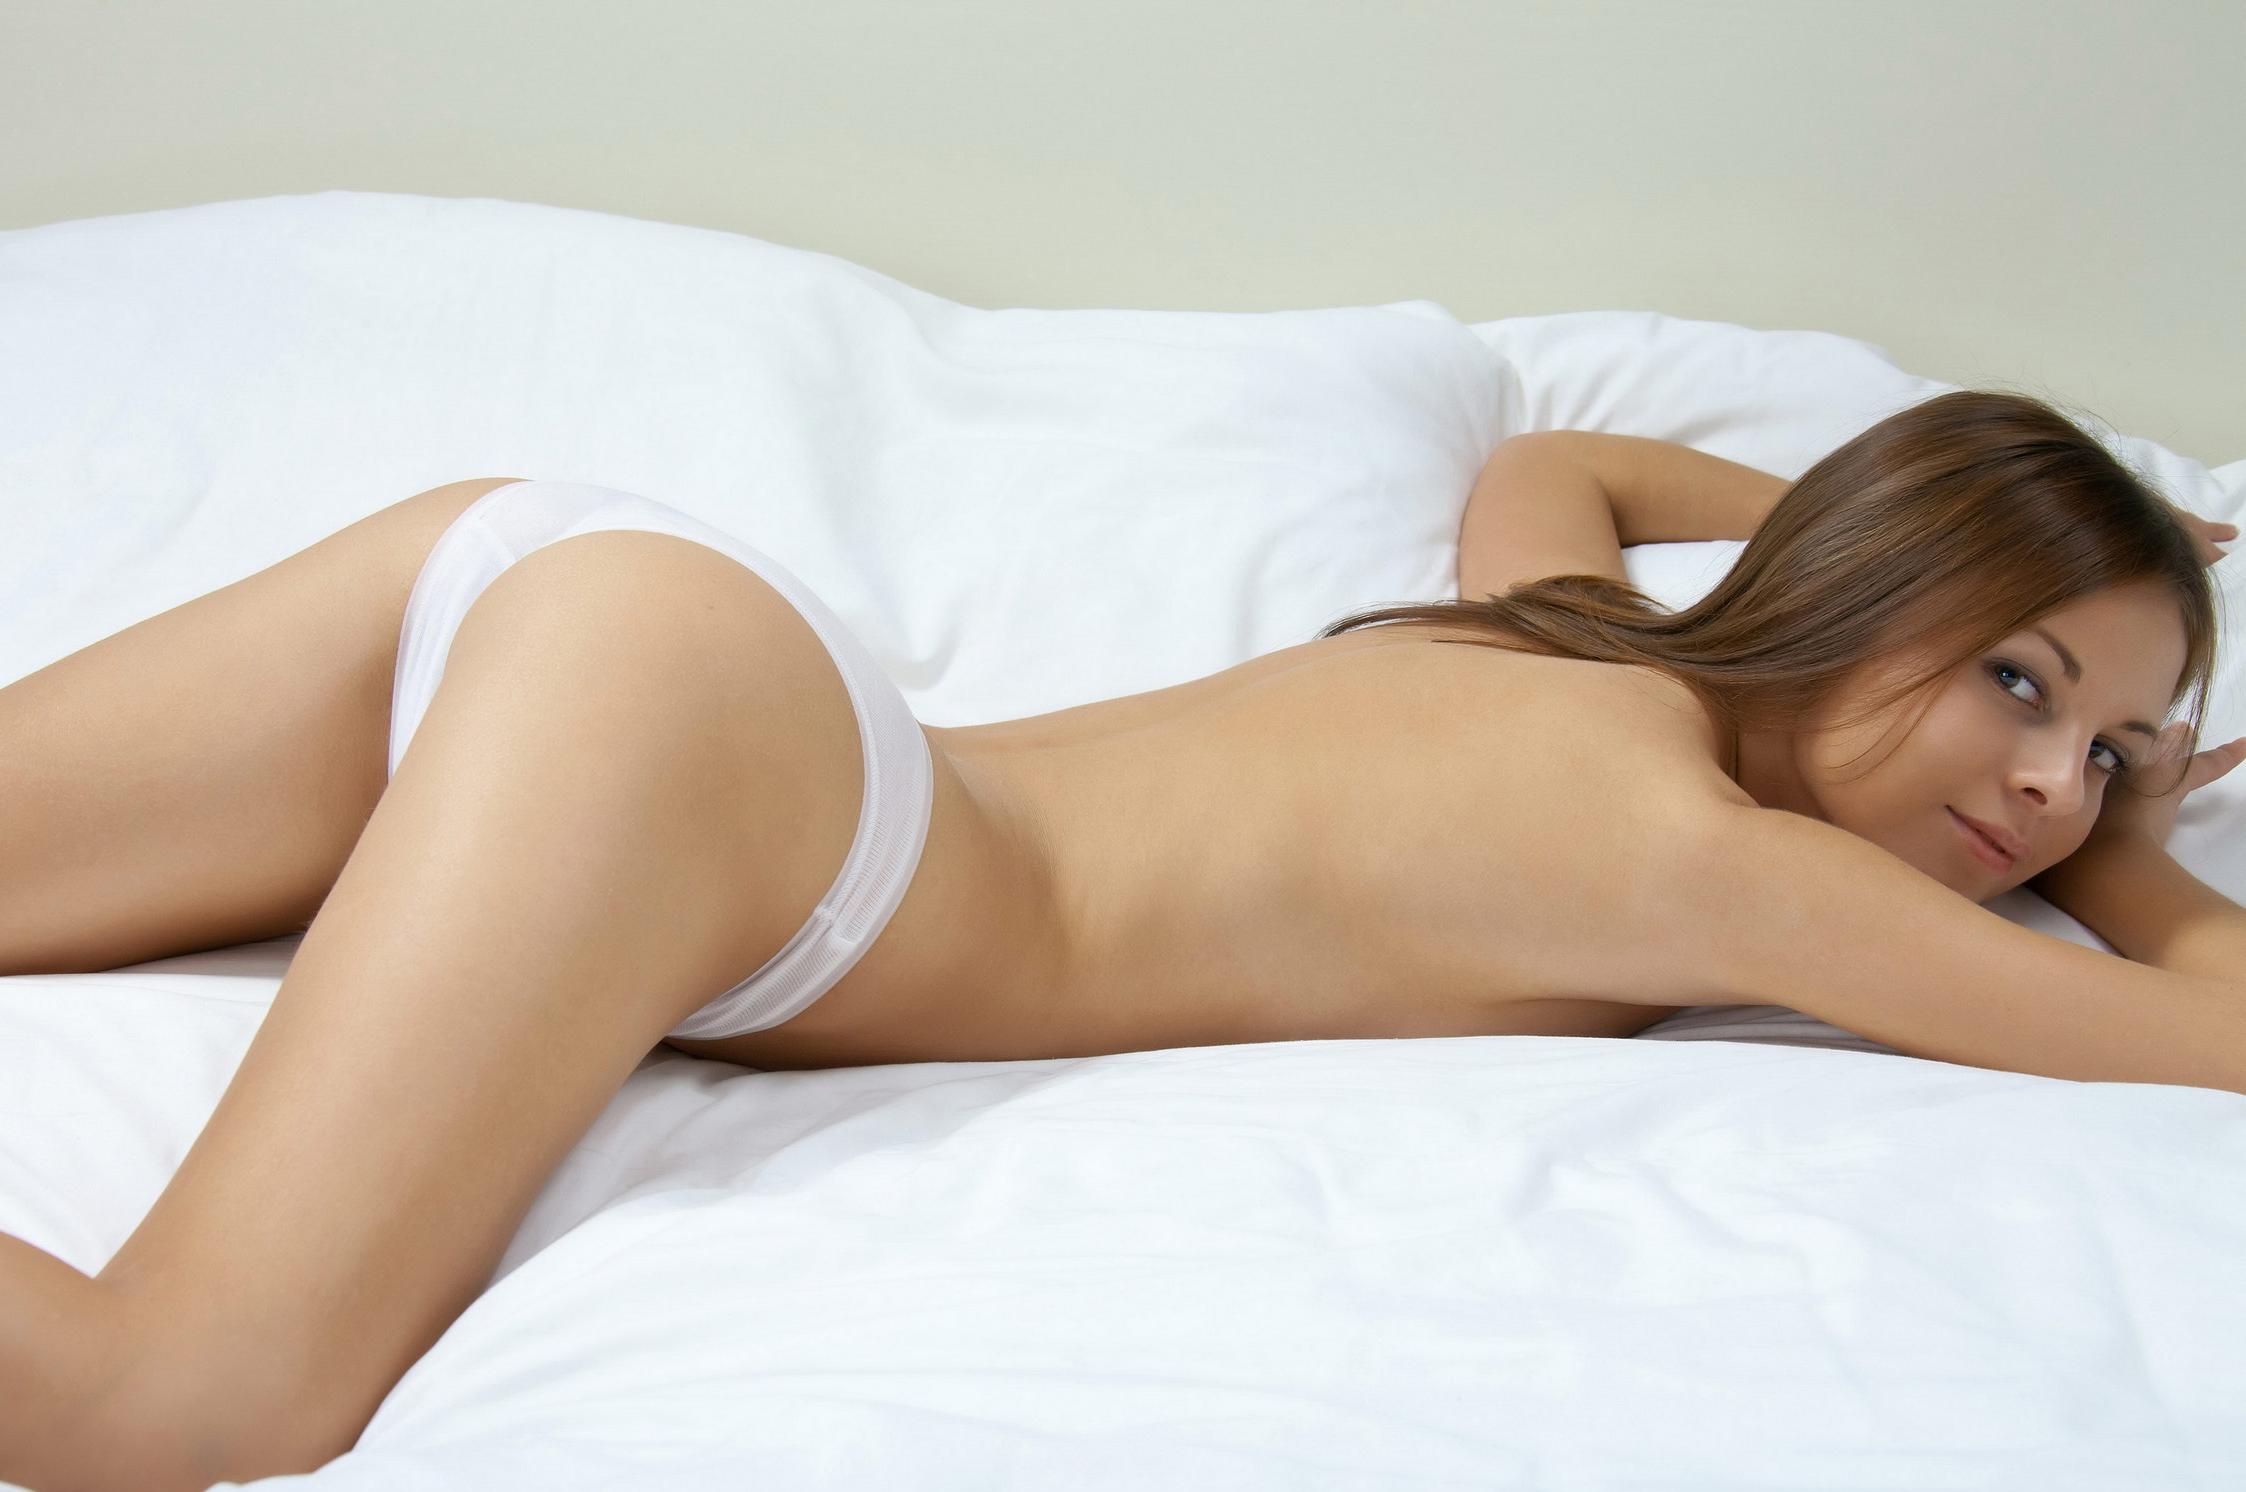 Секс своего фото девушки трусах эротика порно групповуха